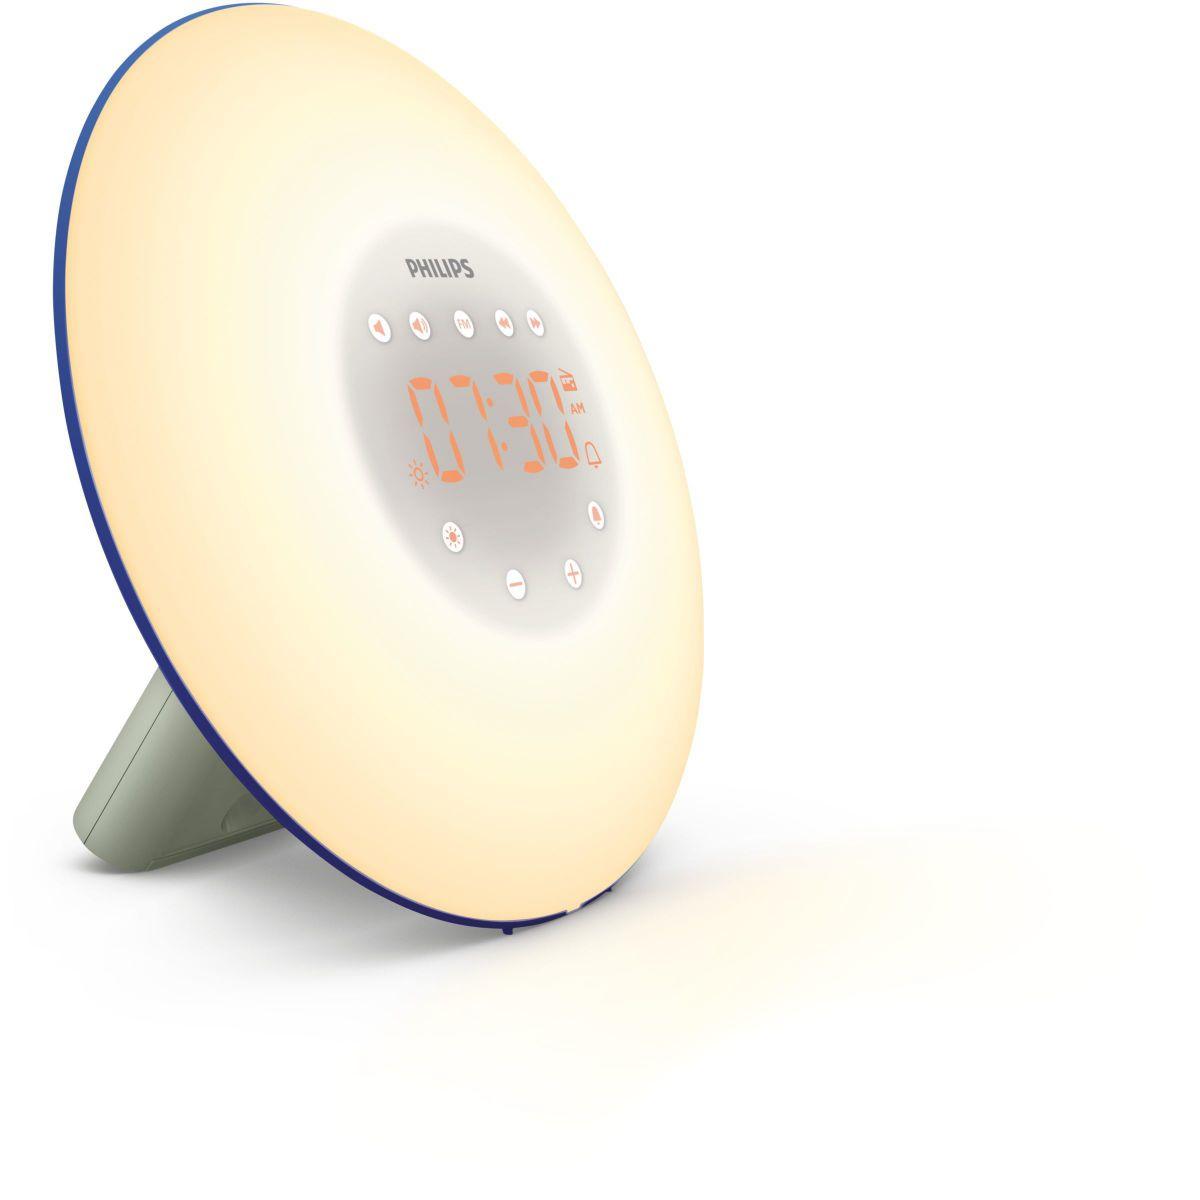 Philips Wake up Light HF3506